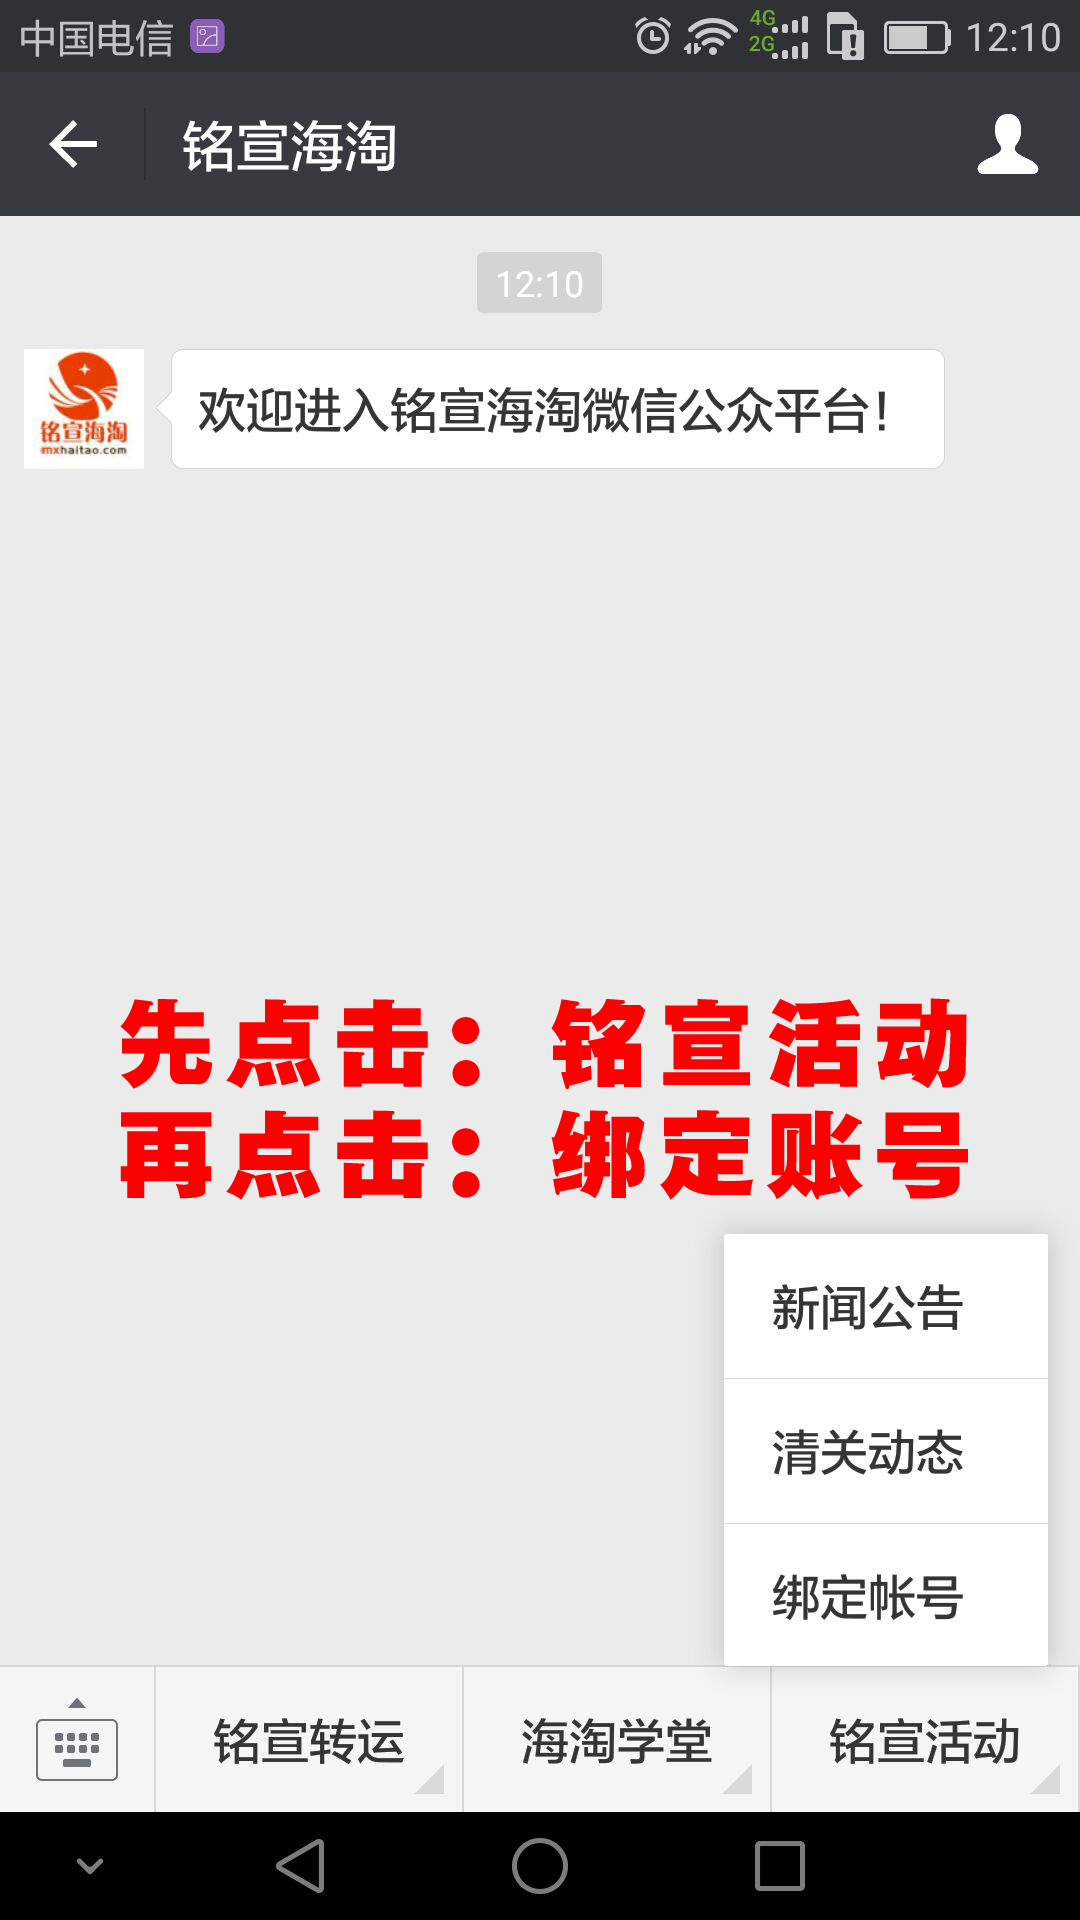 铭宣海淘微信通知上线